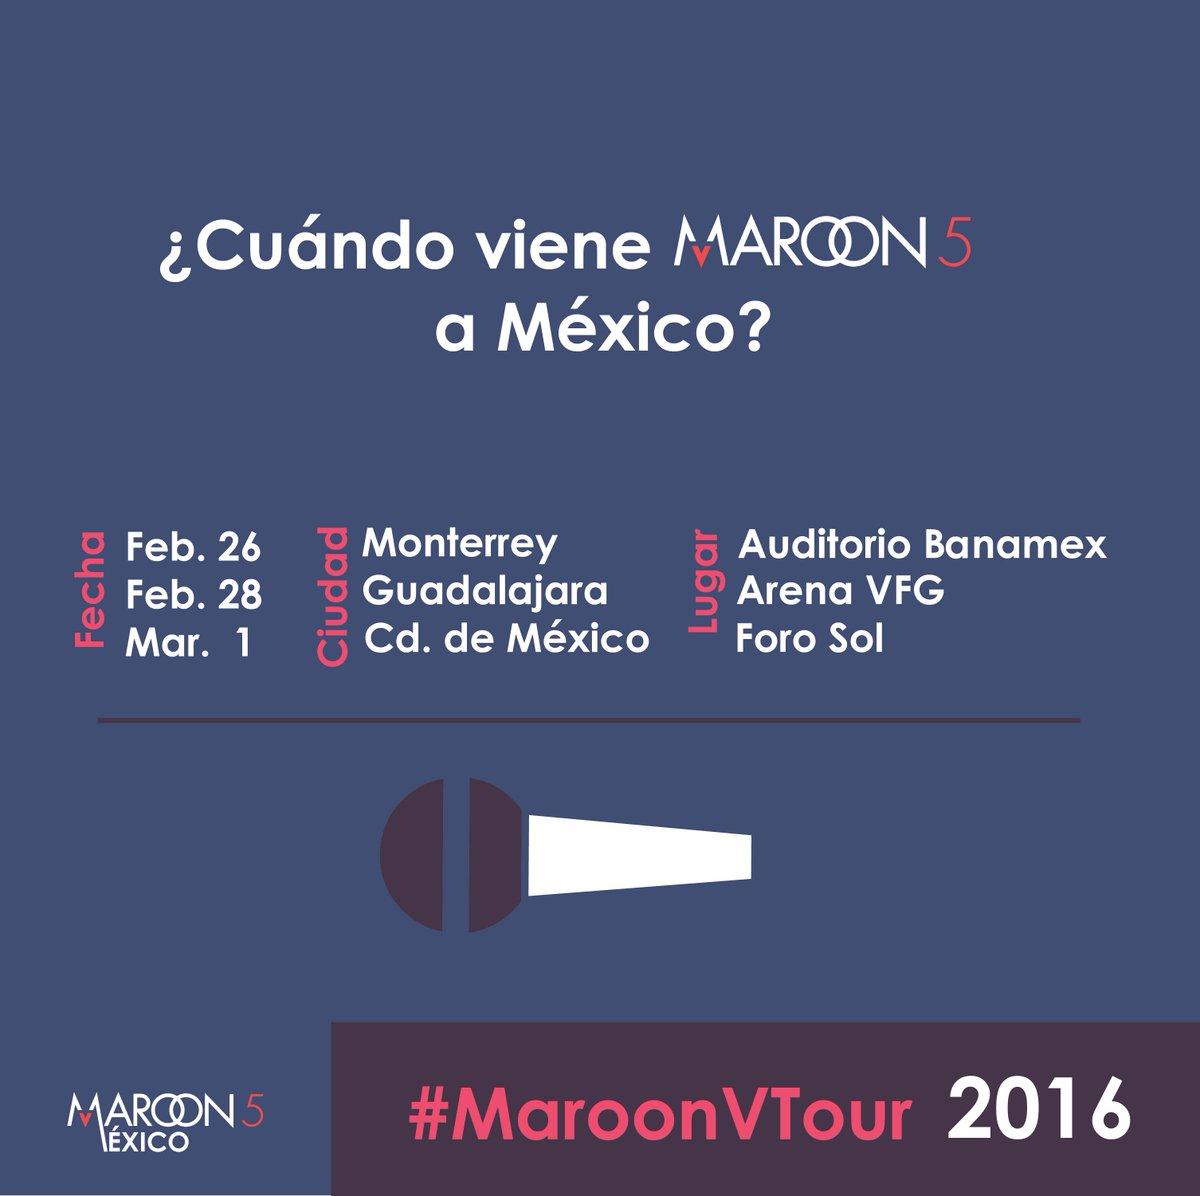 Información @maroon5 en México. #MaroonVTour @ocesa_pop @UMusicMexico http://t.co/E1wpg3eKFr